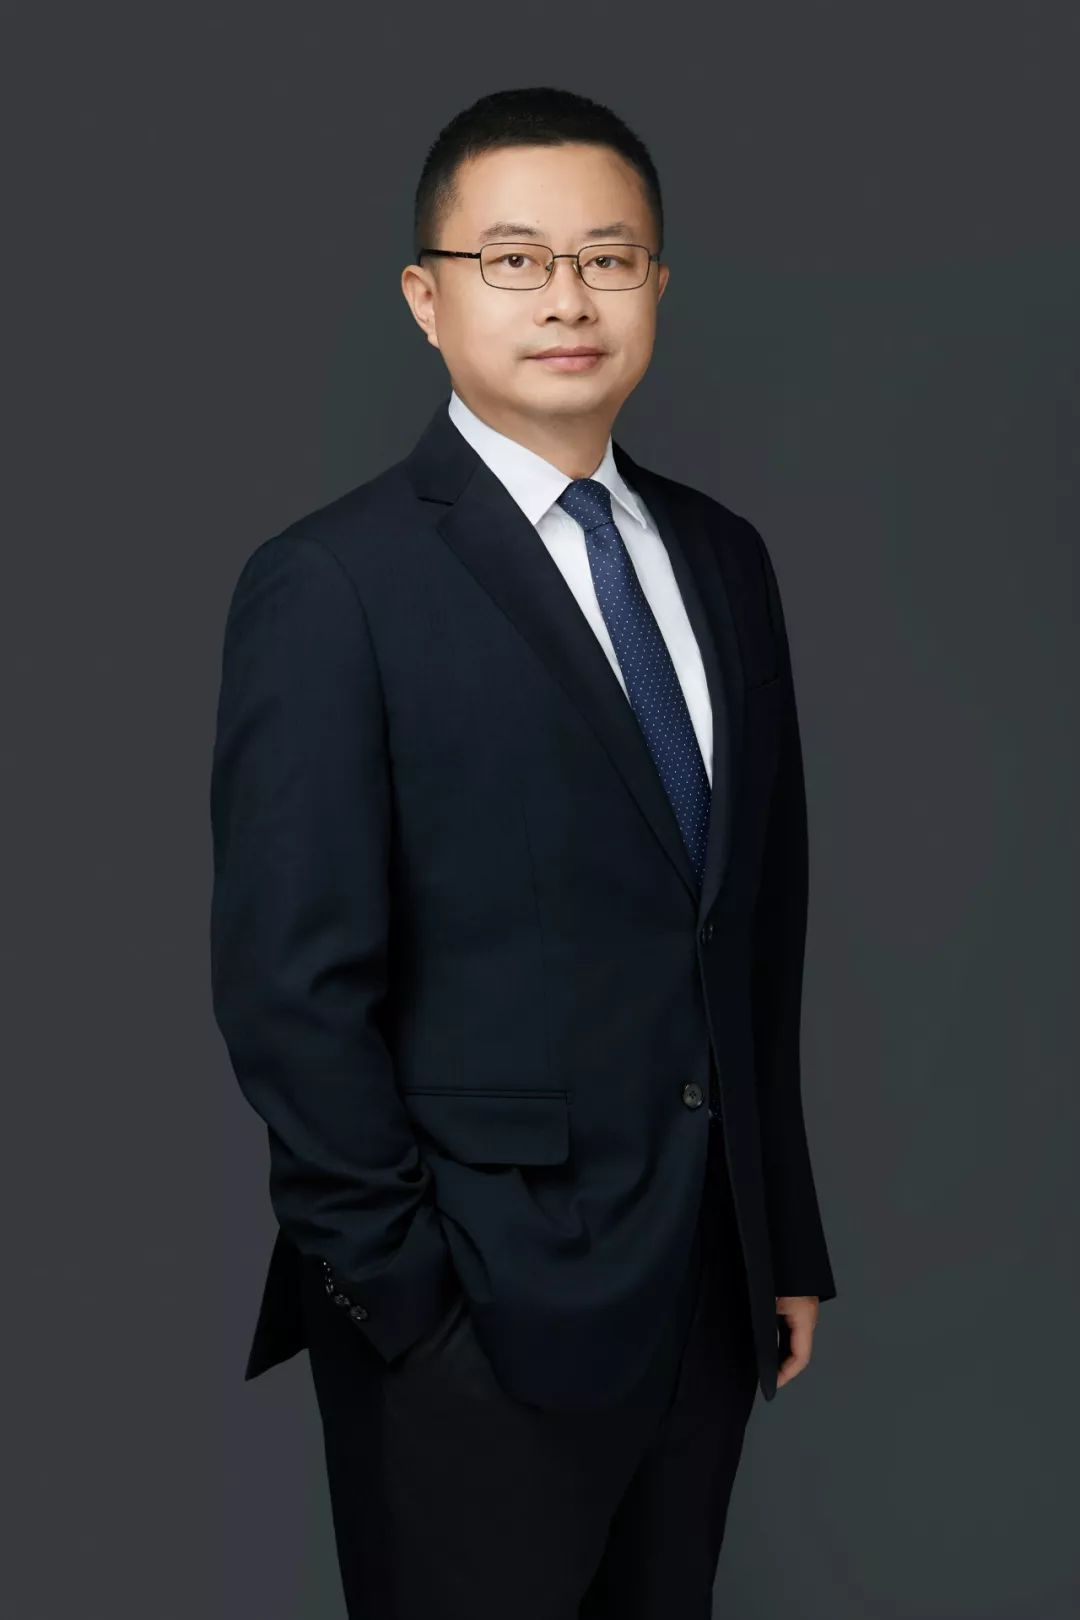 http://www.weixinrensheng.com/caijingmi/1467140.html